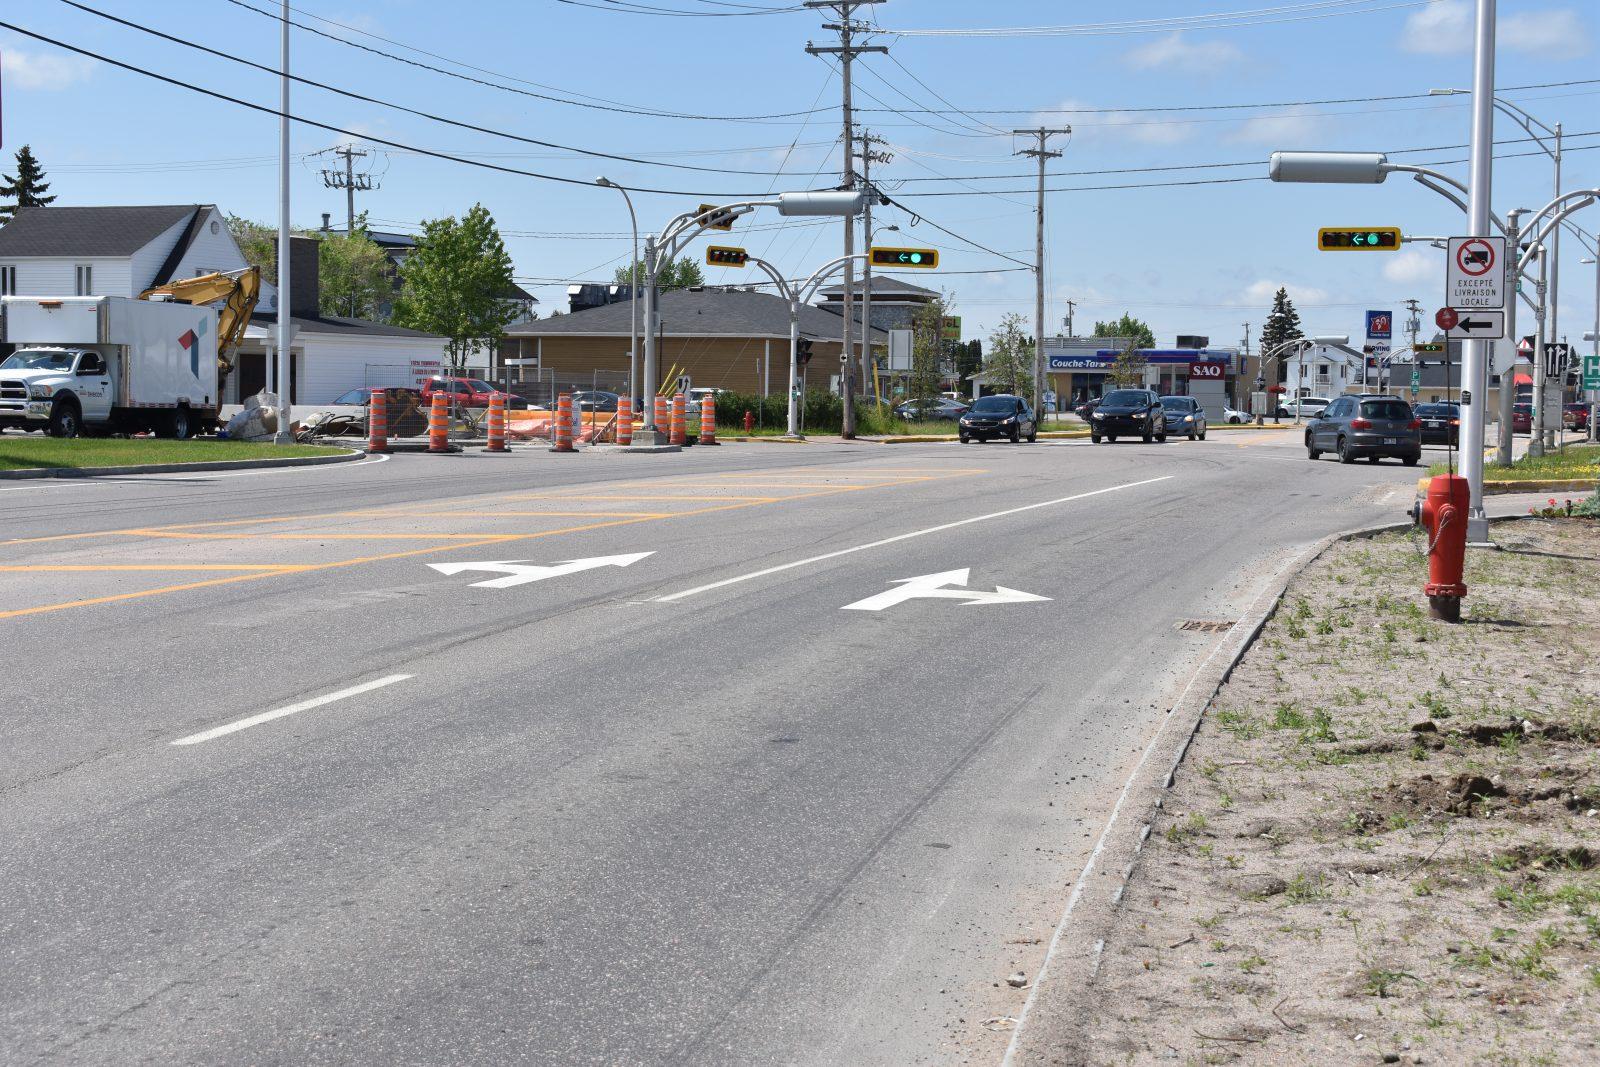 Nouvelle signalisation sur la 8e avenue : confusion chez plusieurs automobilistes